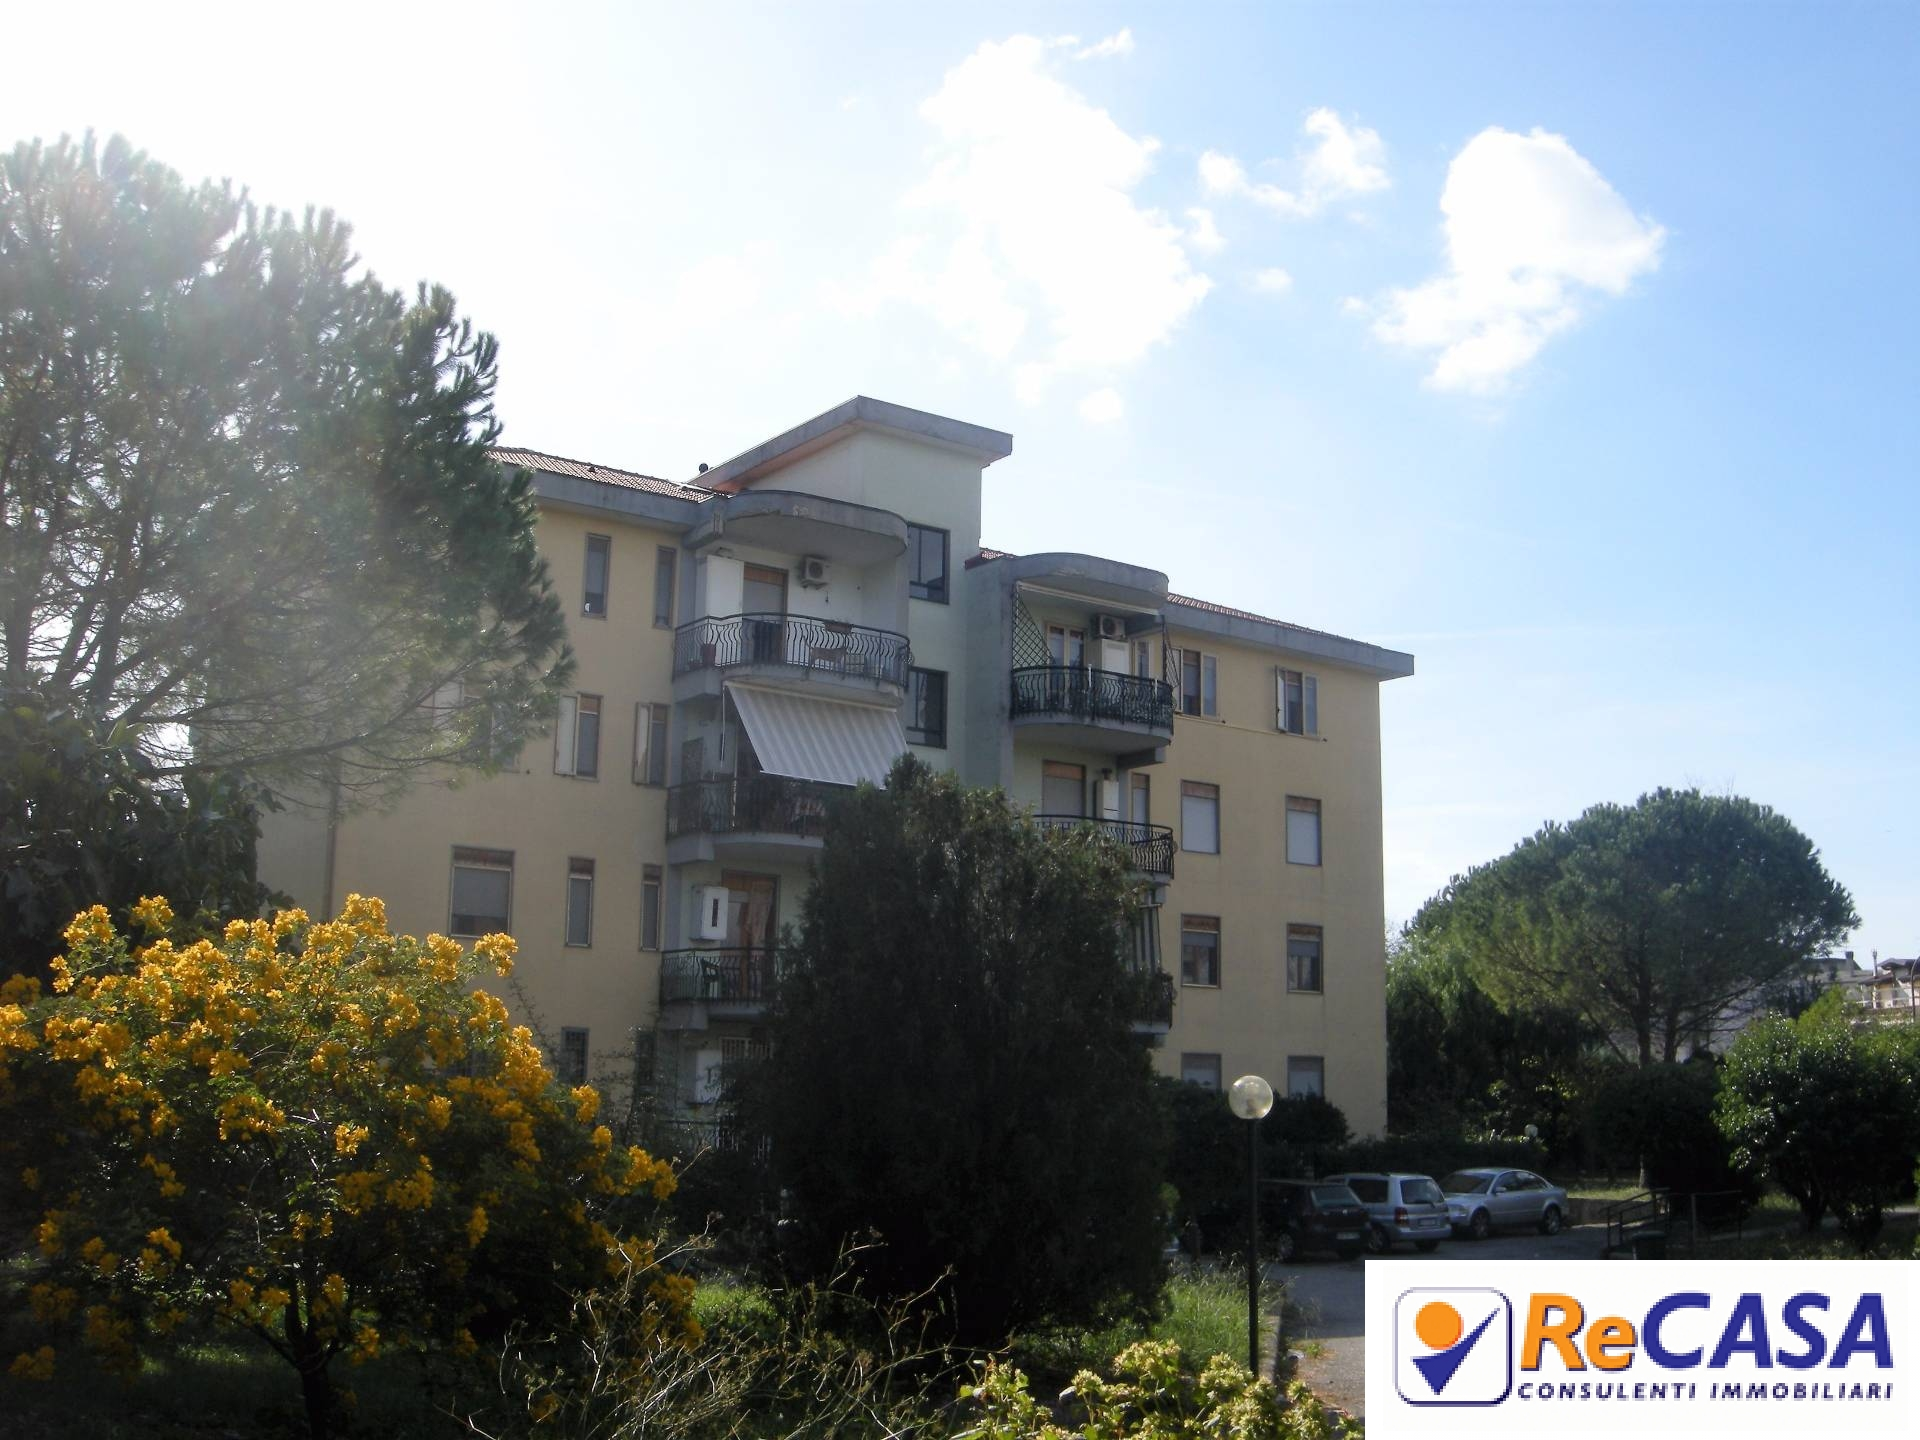 Appartamento in vendita a Montecorvino Pugliano, 4 locali, zona Località: BivioPratole, prezzo € 160.000 | CambioCasa.it